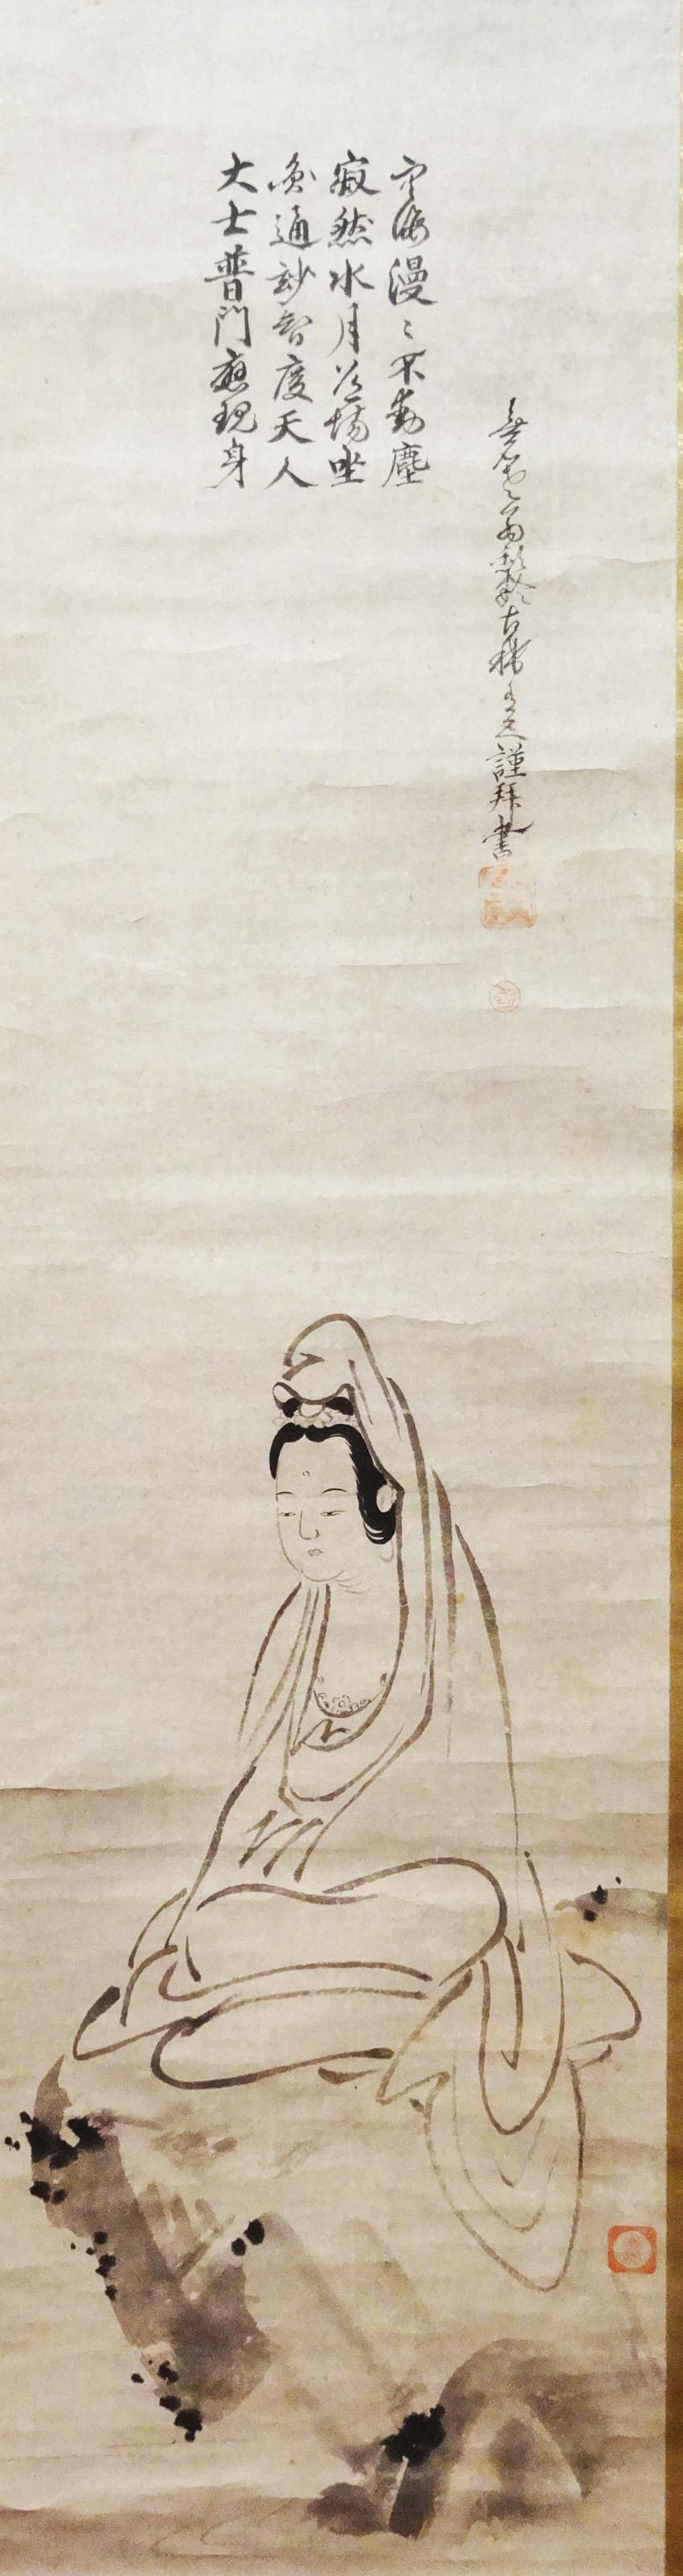 木俣守安画、岡本宣就賛 観世音菩薩像